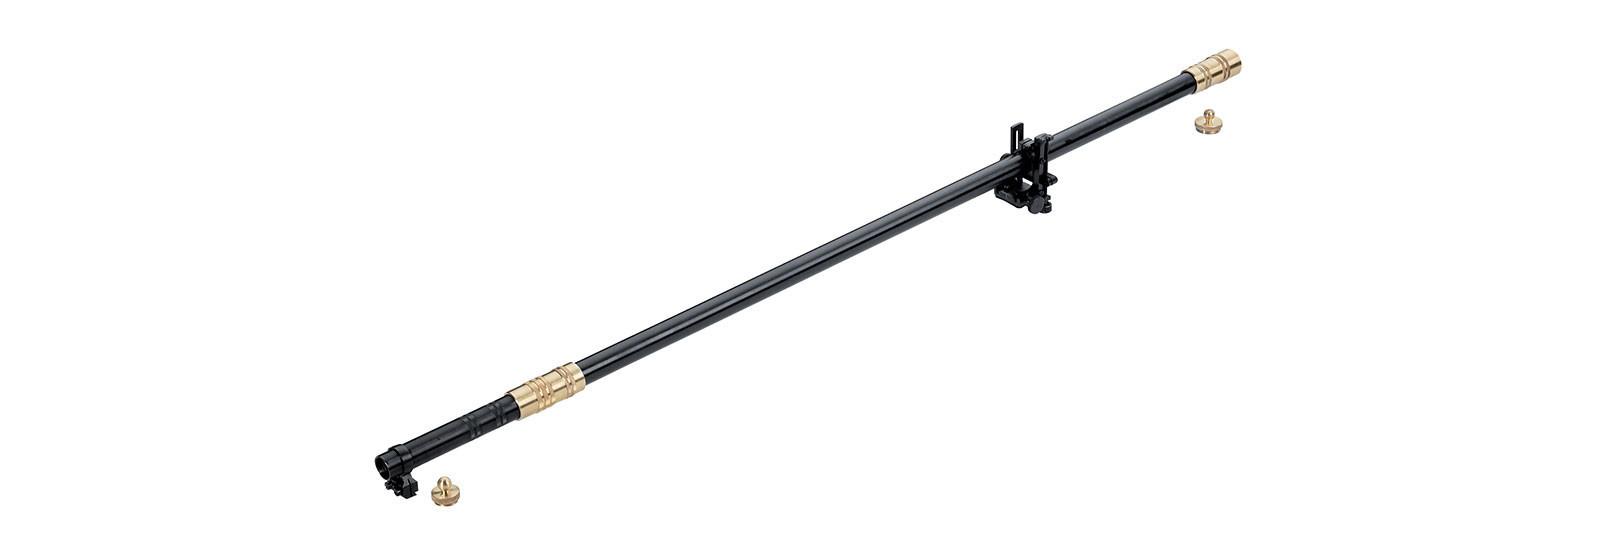 Long scope (6x)